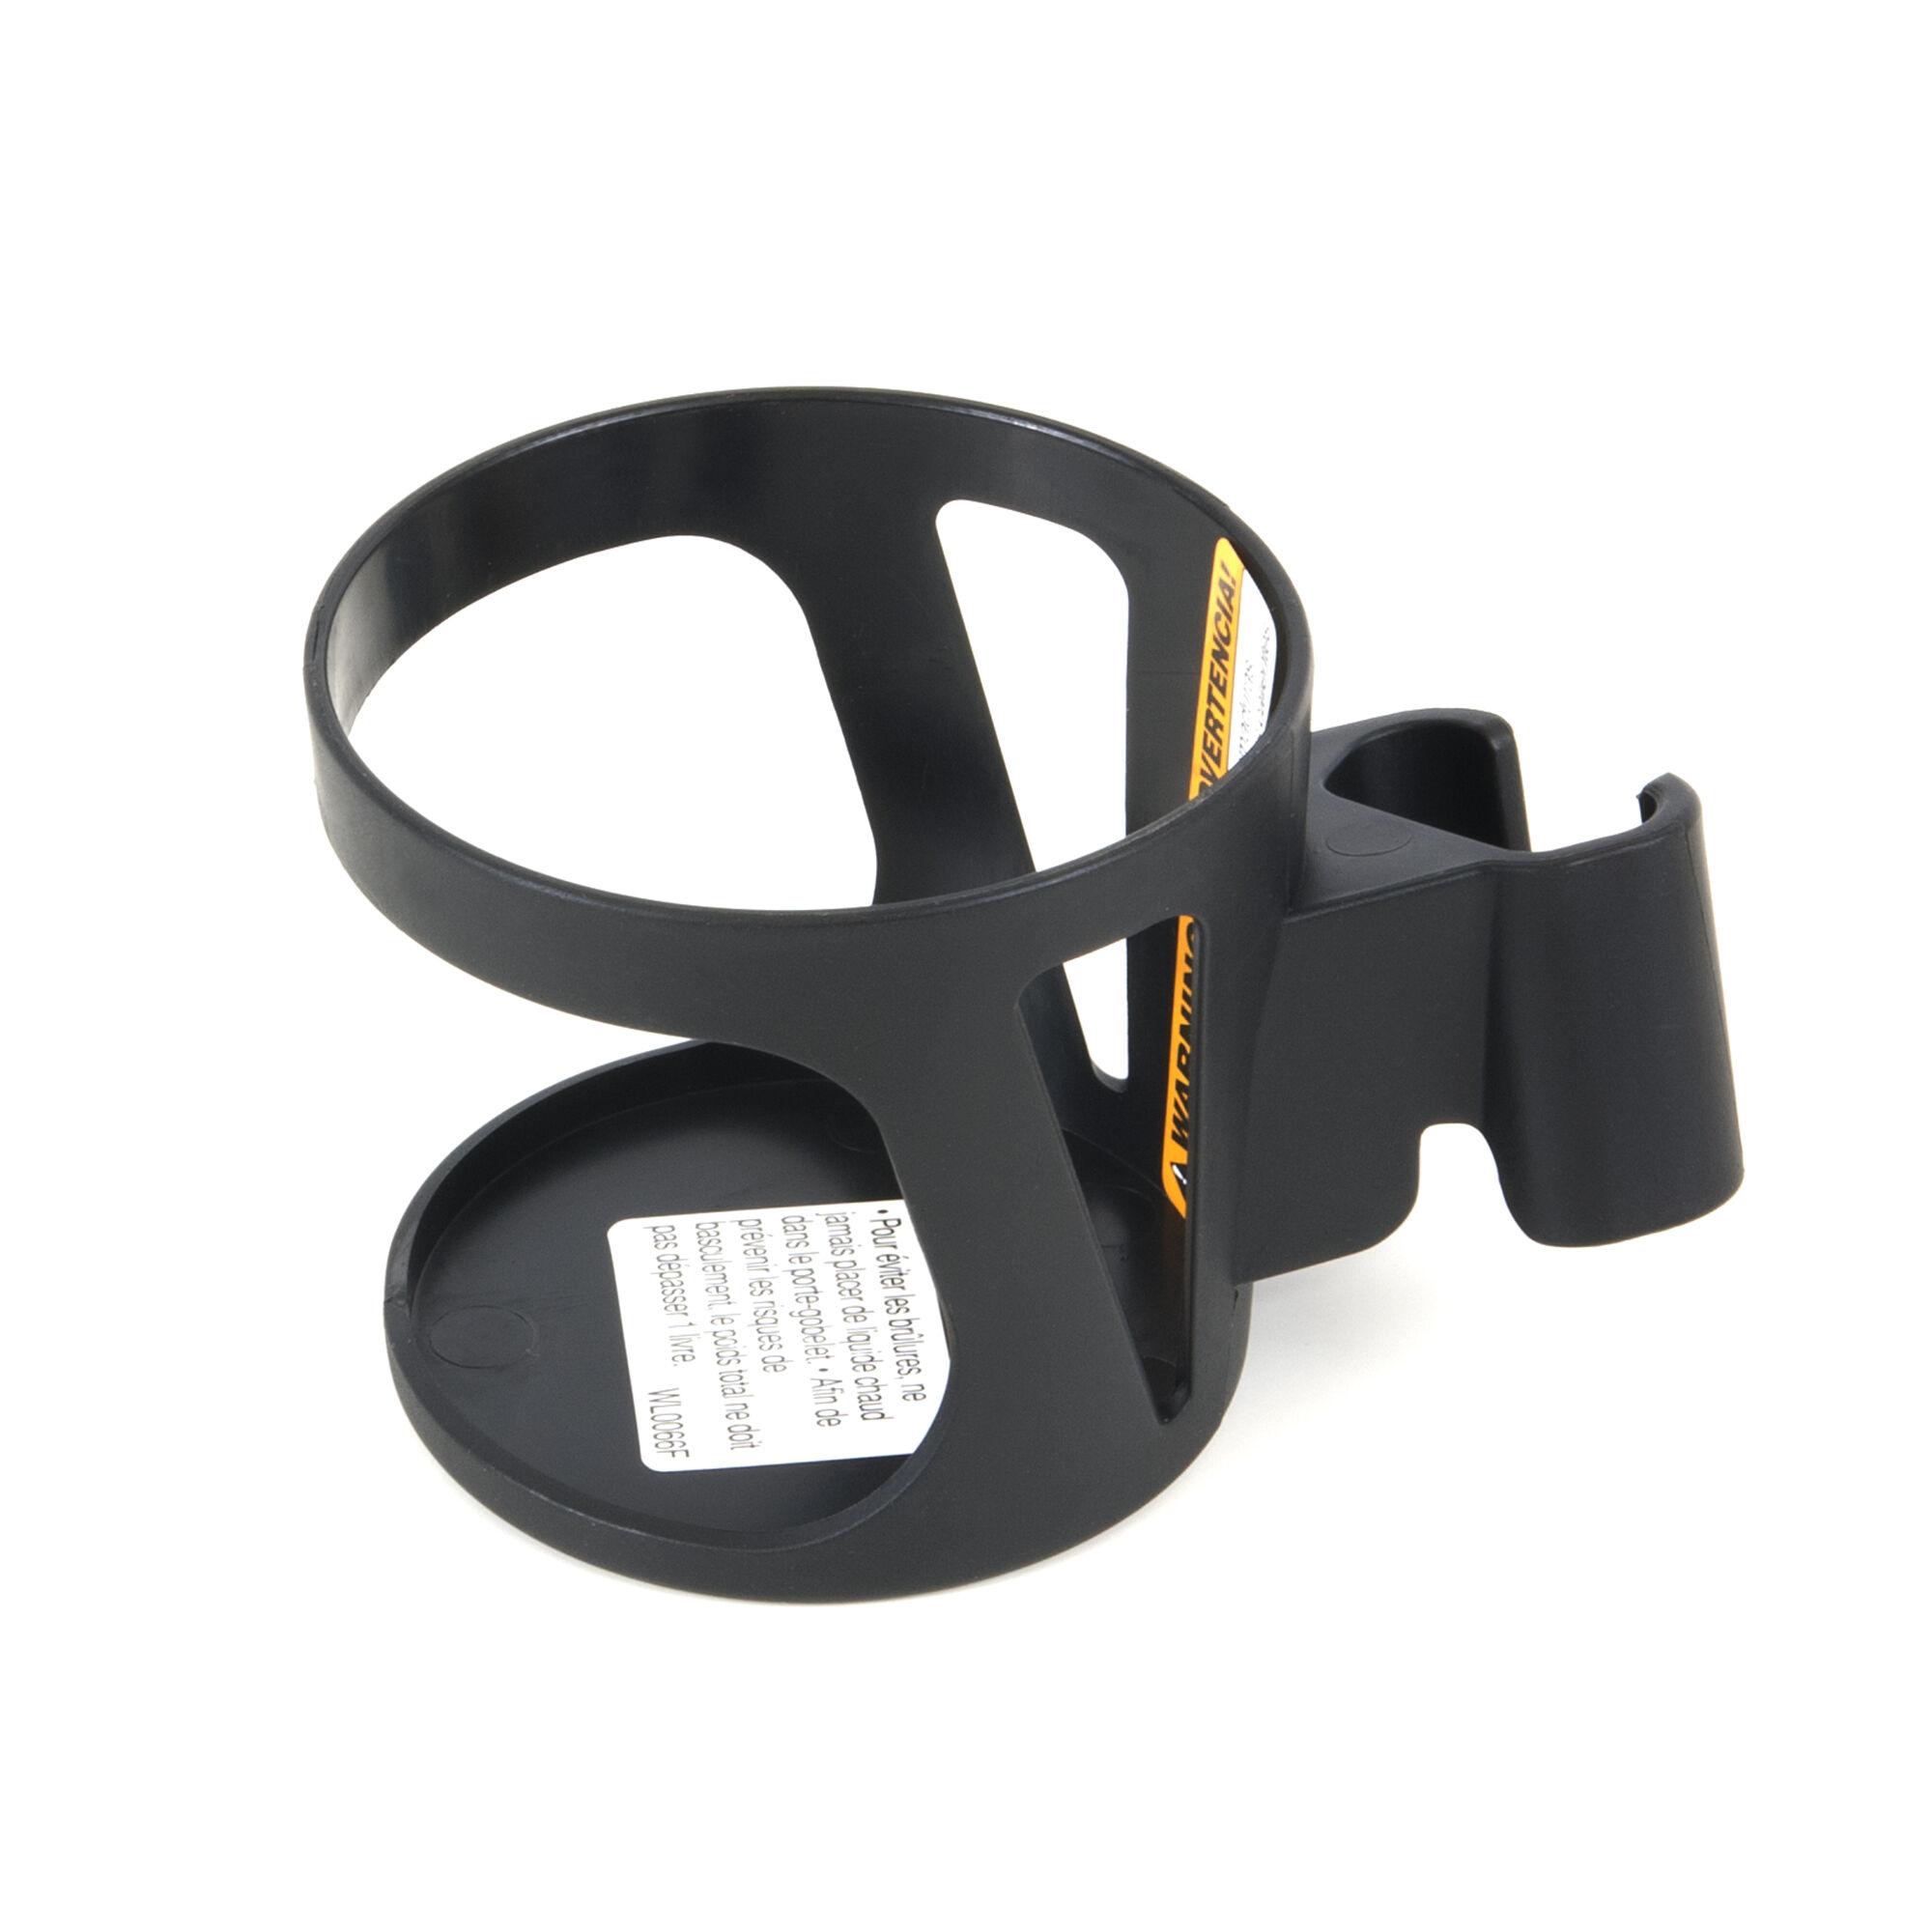 Chicco Liteway & Liteway Plus Stroller Cup Holder